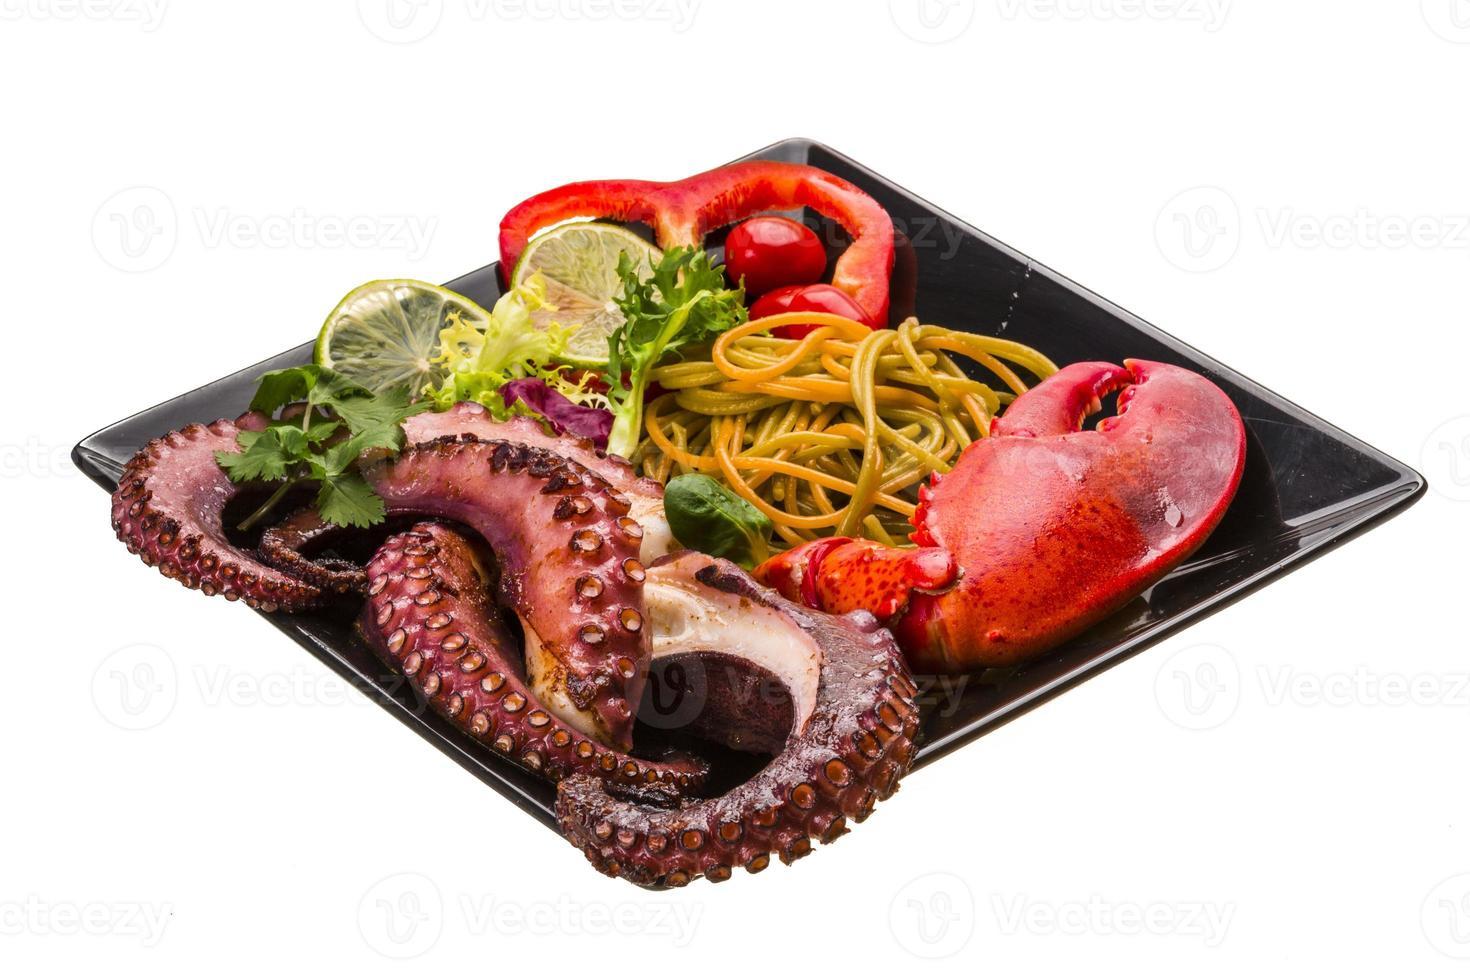 skaldjurspasta med bläckfisk och hummerben foto